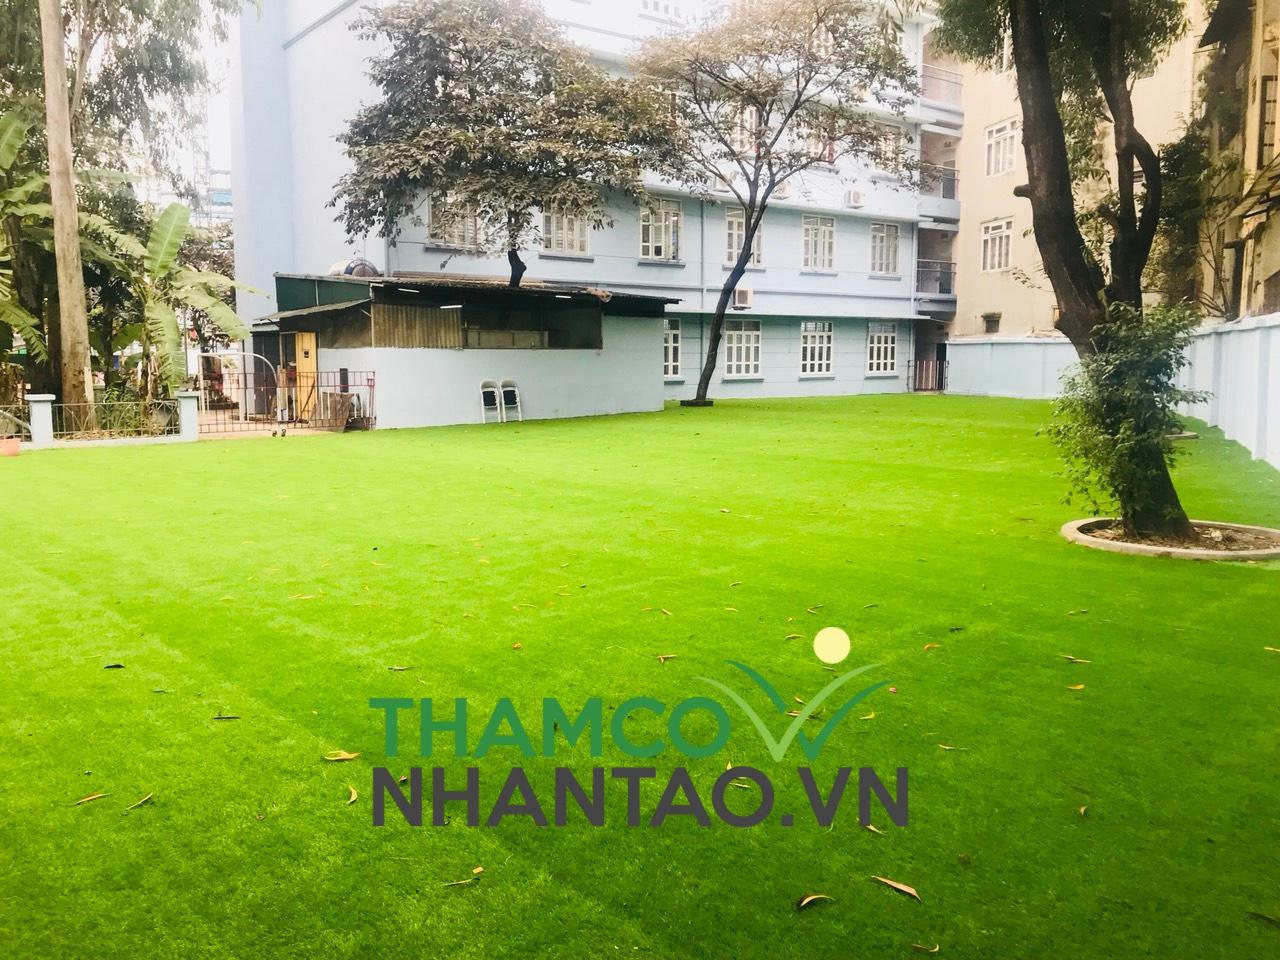 Một vài hình ảnh của dự án sân vườn trường tiểu học Thanh Lương quận Hai Bà Trưng, Hà Nội: 1